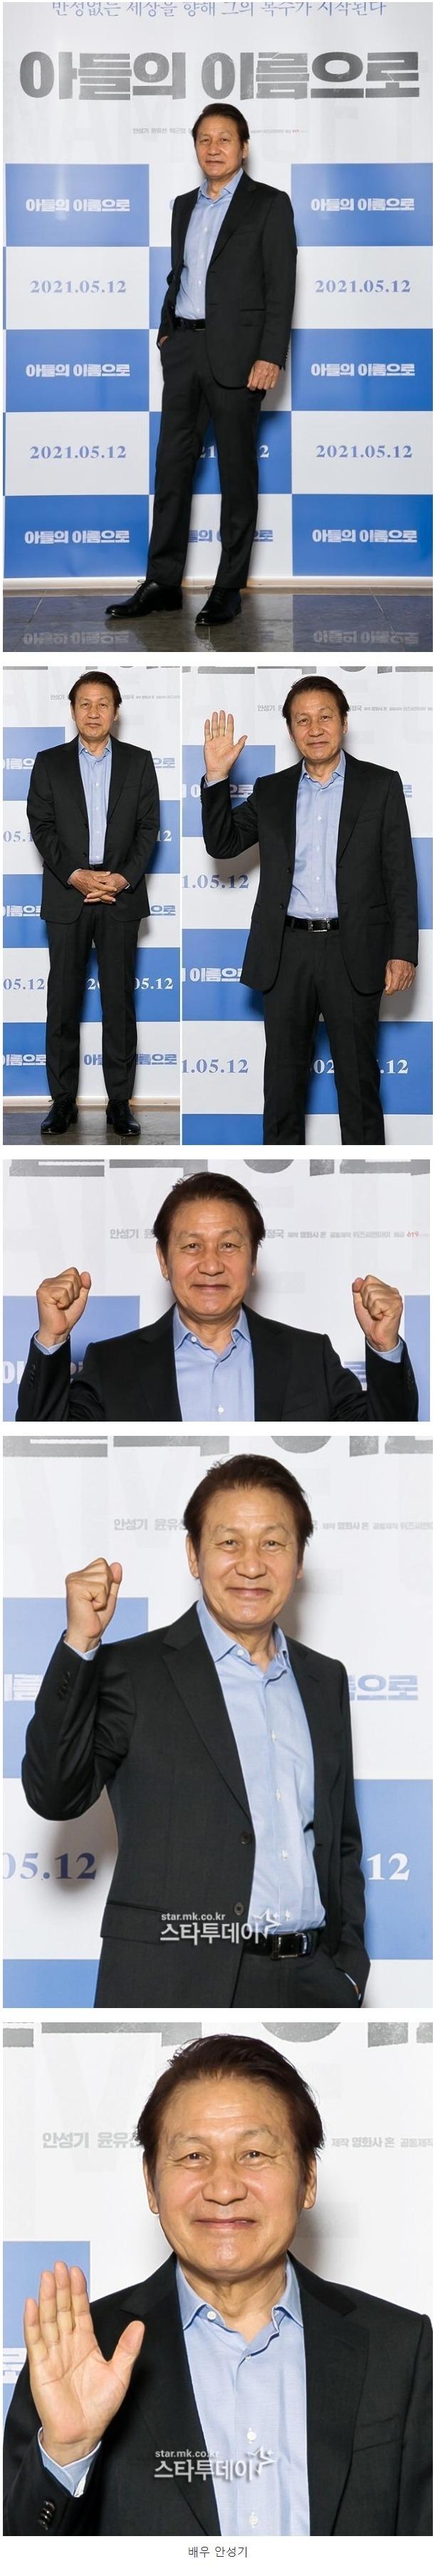 공백기이후 컴백한배우